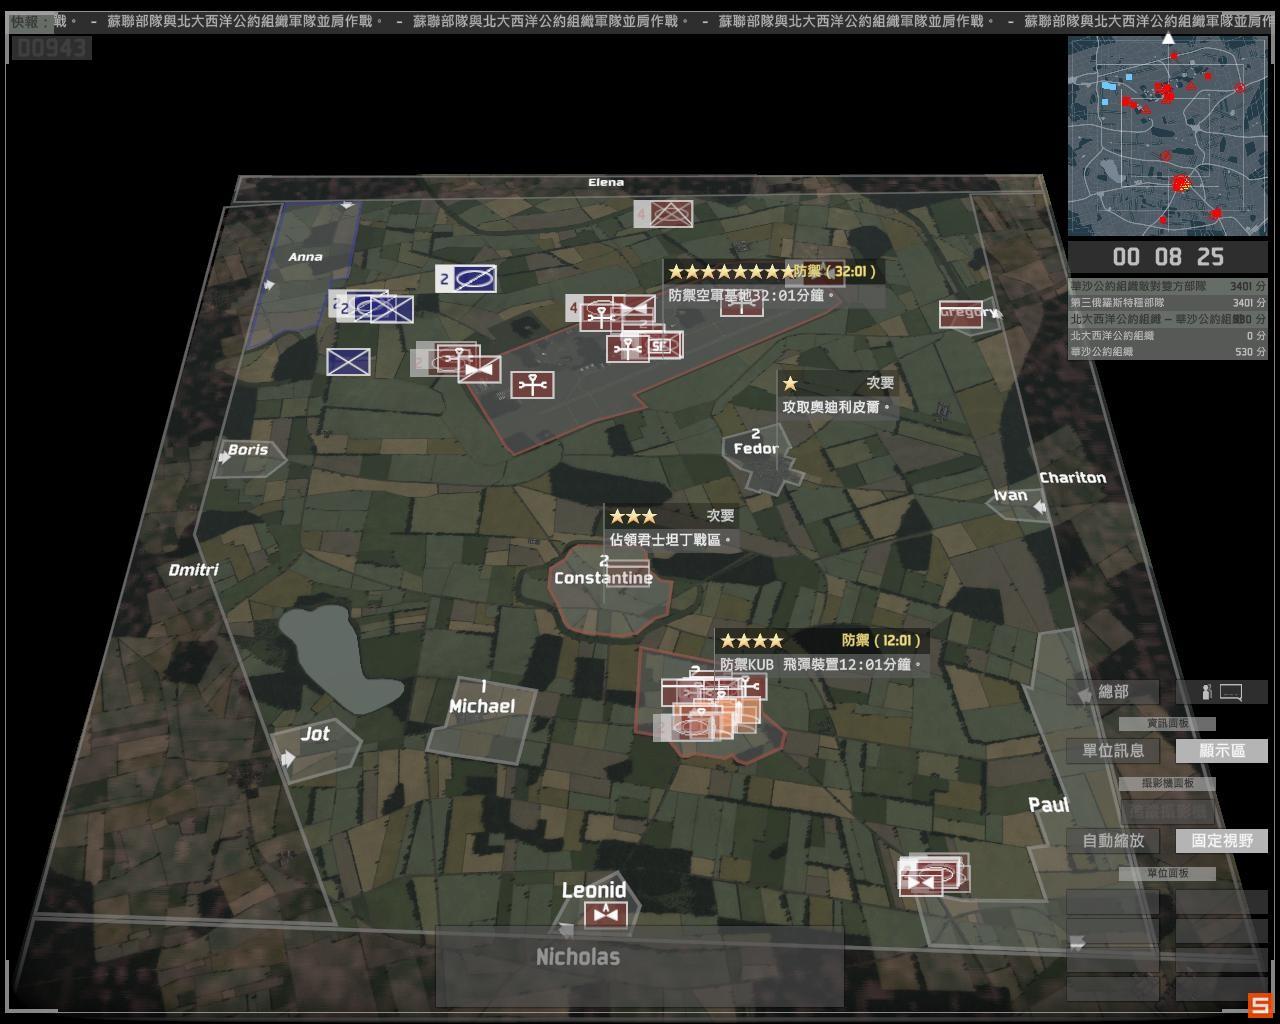 《战争通关:欧洲诅咒》攻略荒地游戏苏军-我生化危机过关游戏扩张图片